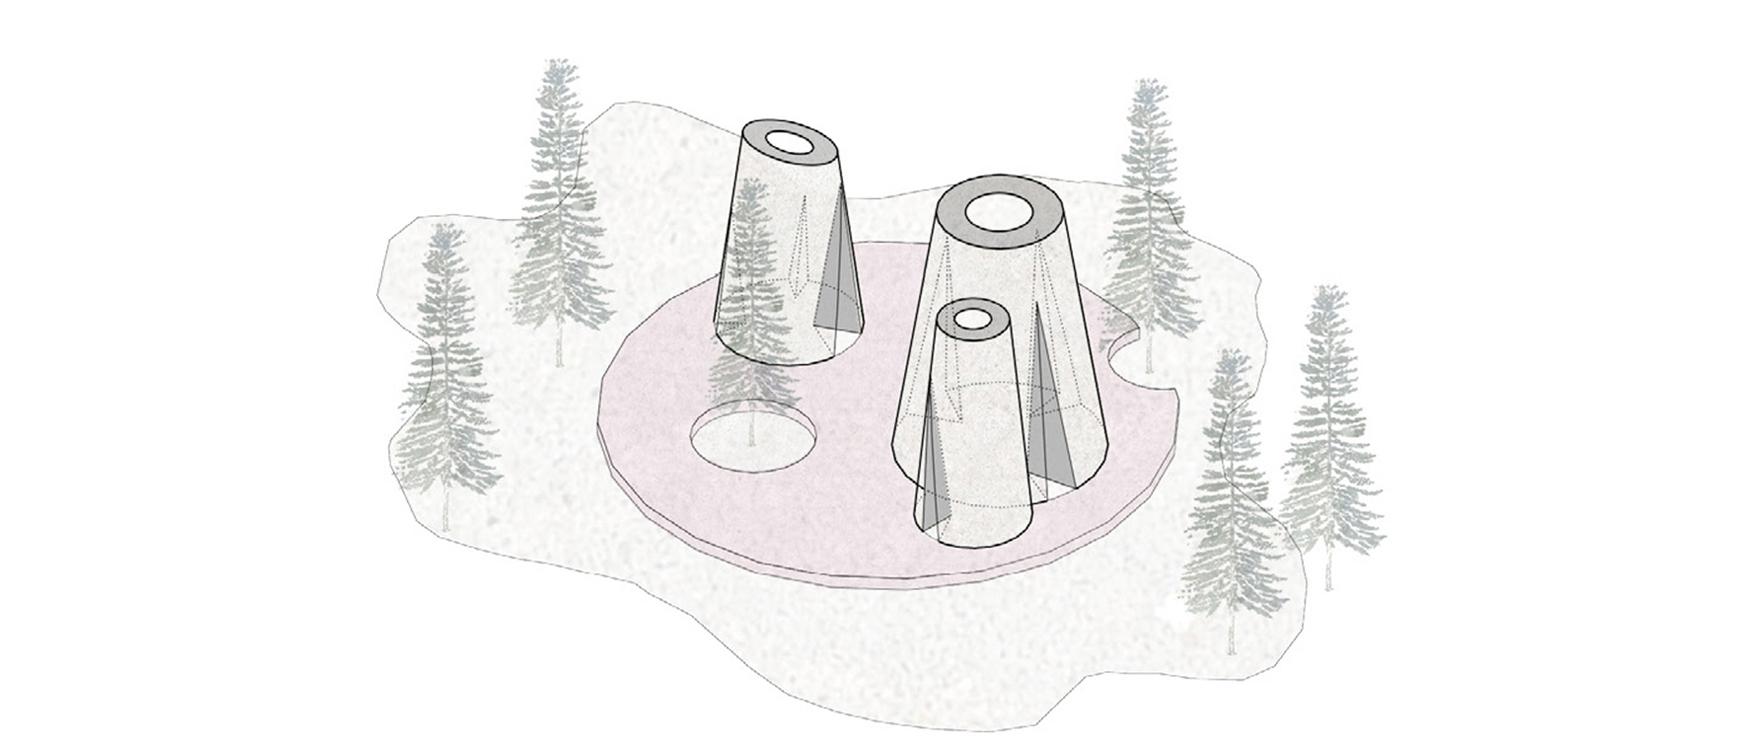 消隐之树:拉脱维亚森林冥想屋